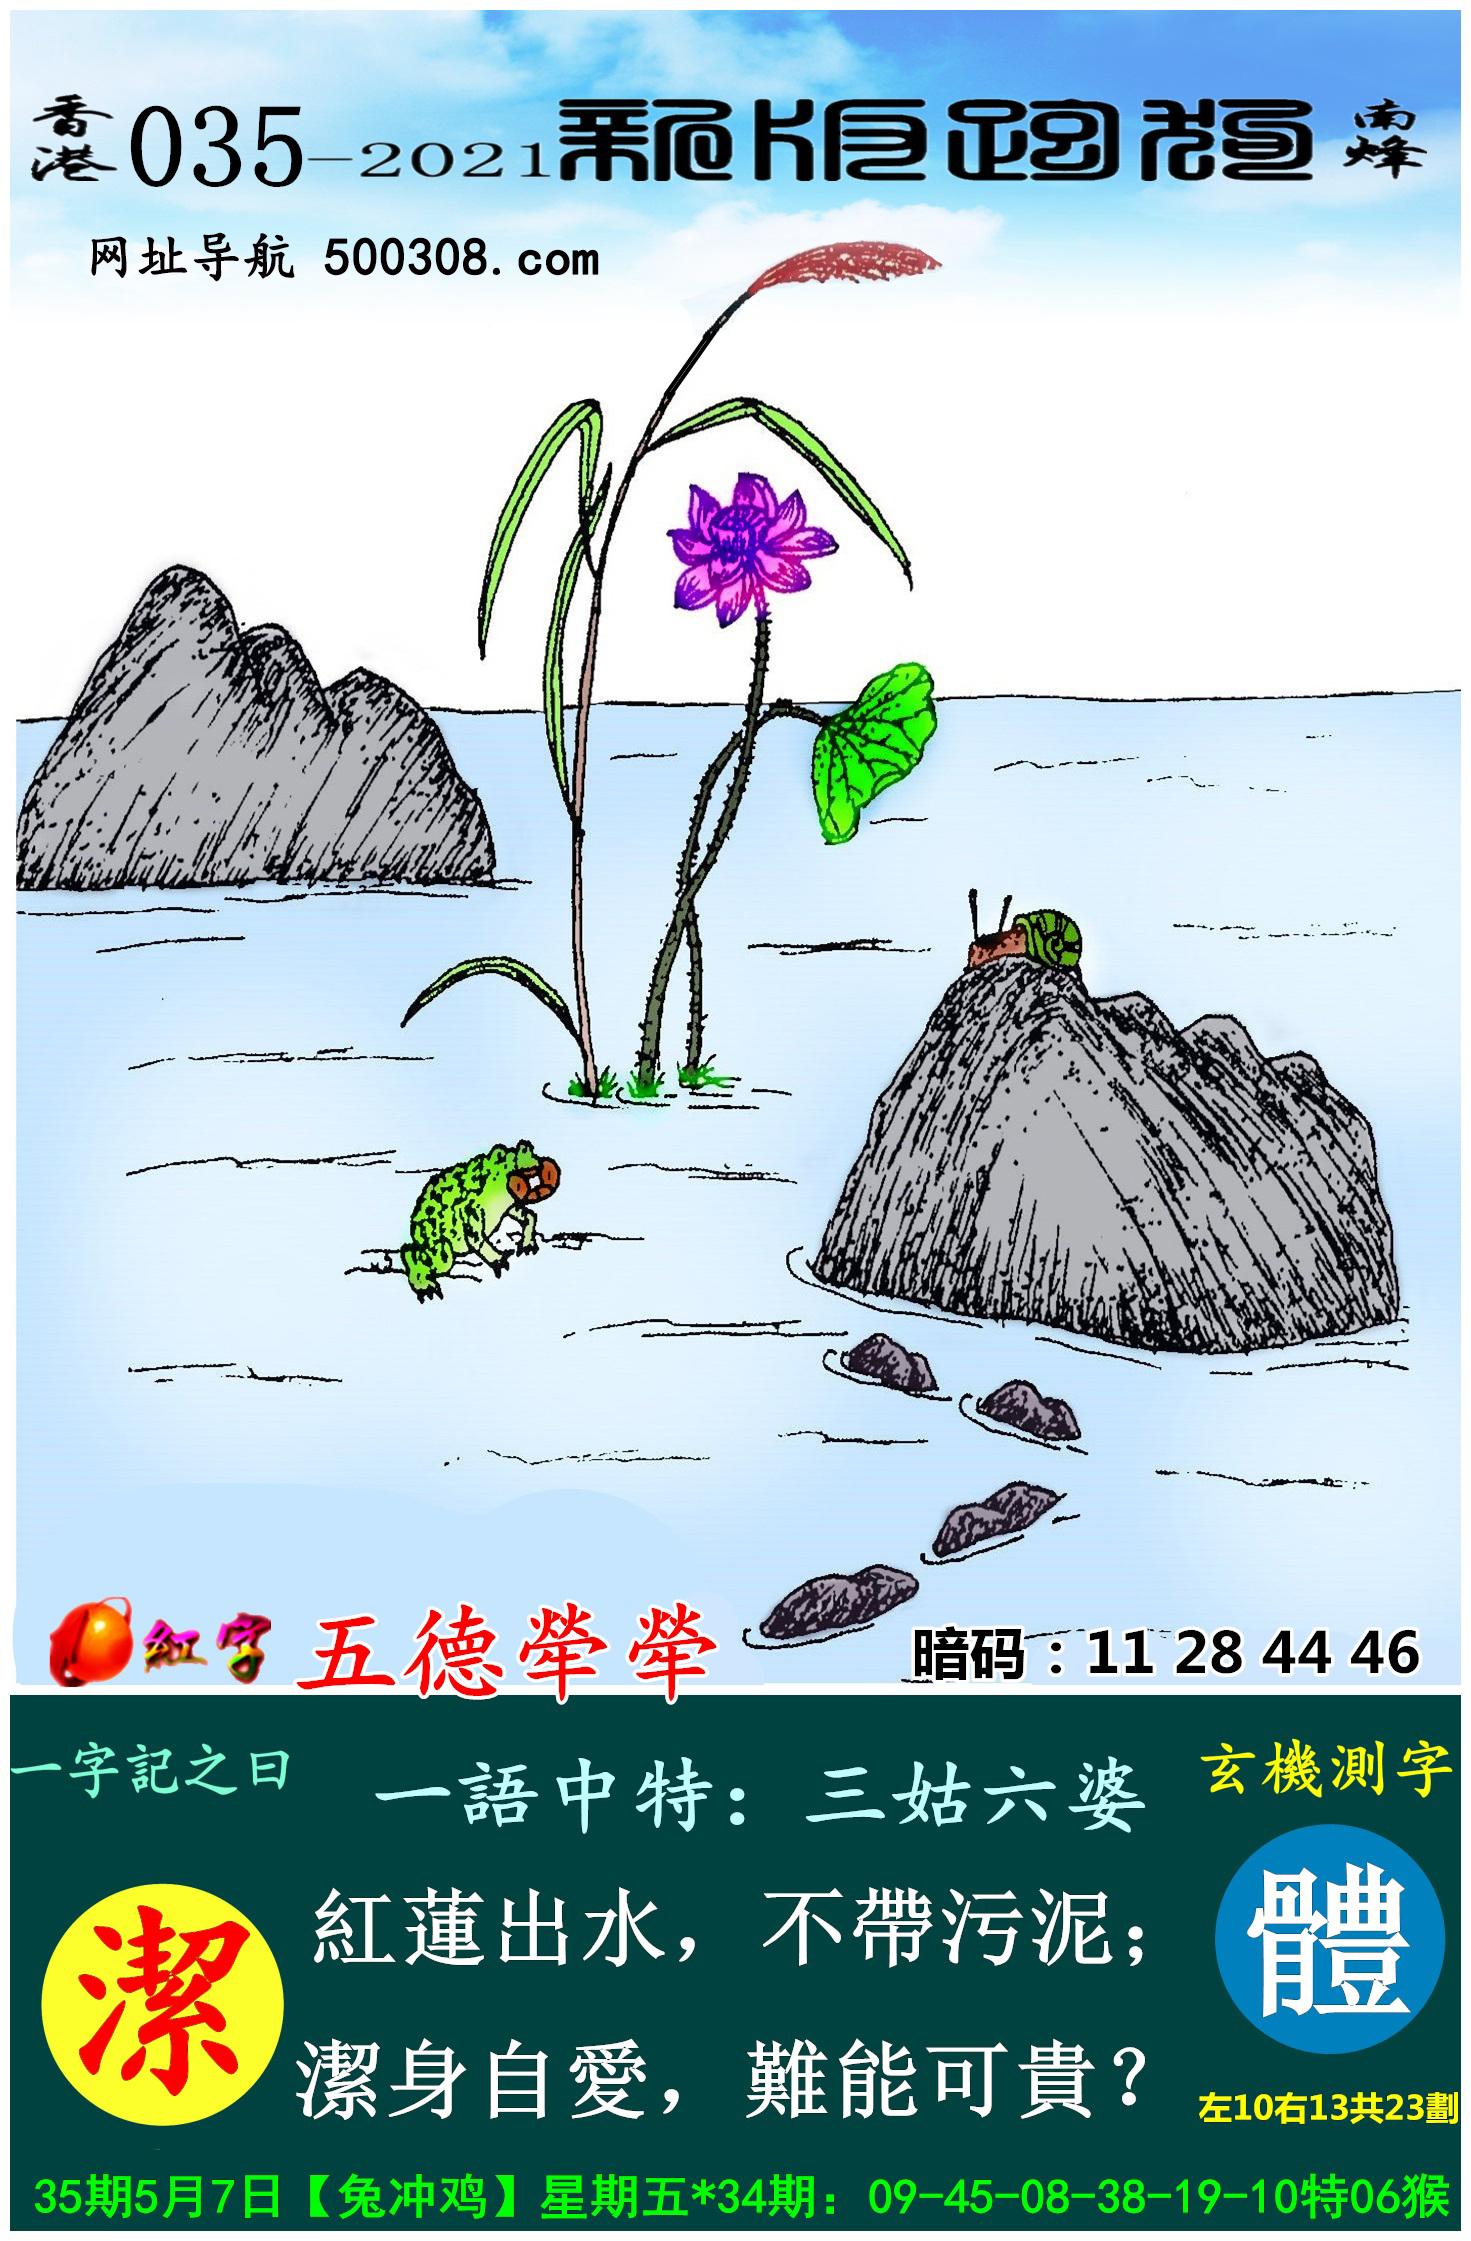 035期跑狗一字�之曰:【��】 �t�出水,不��污泥;��身自�郏��y能可�F?